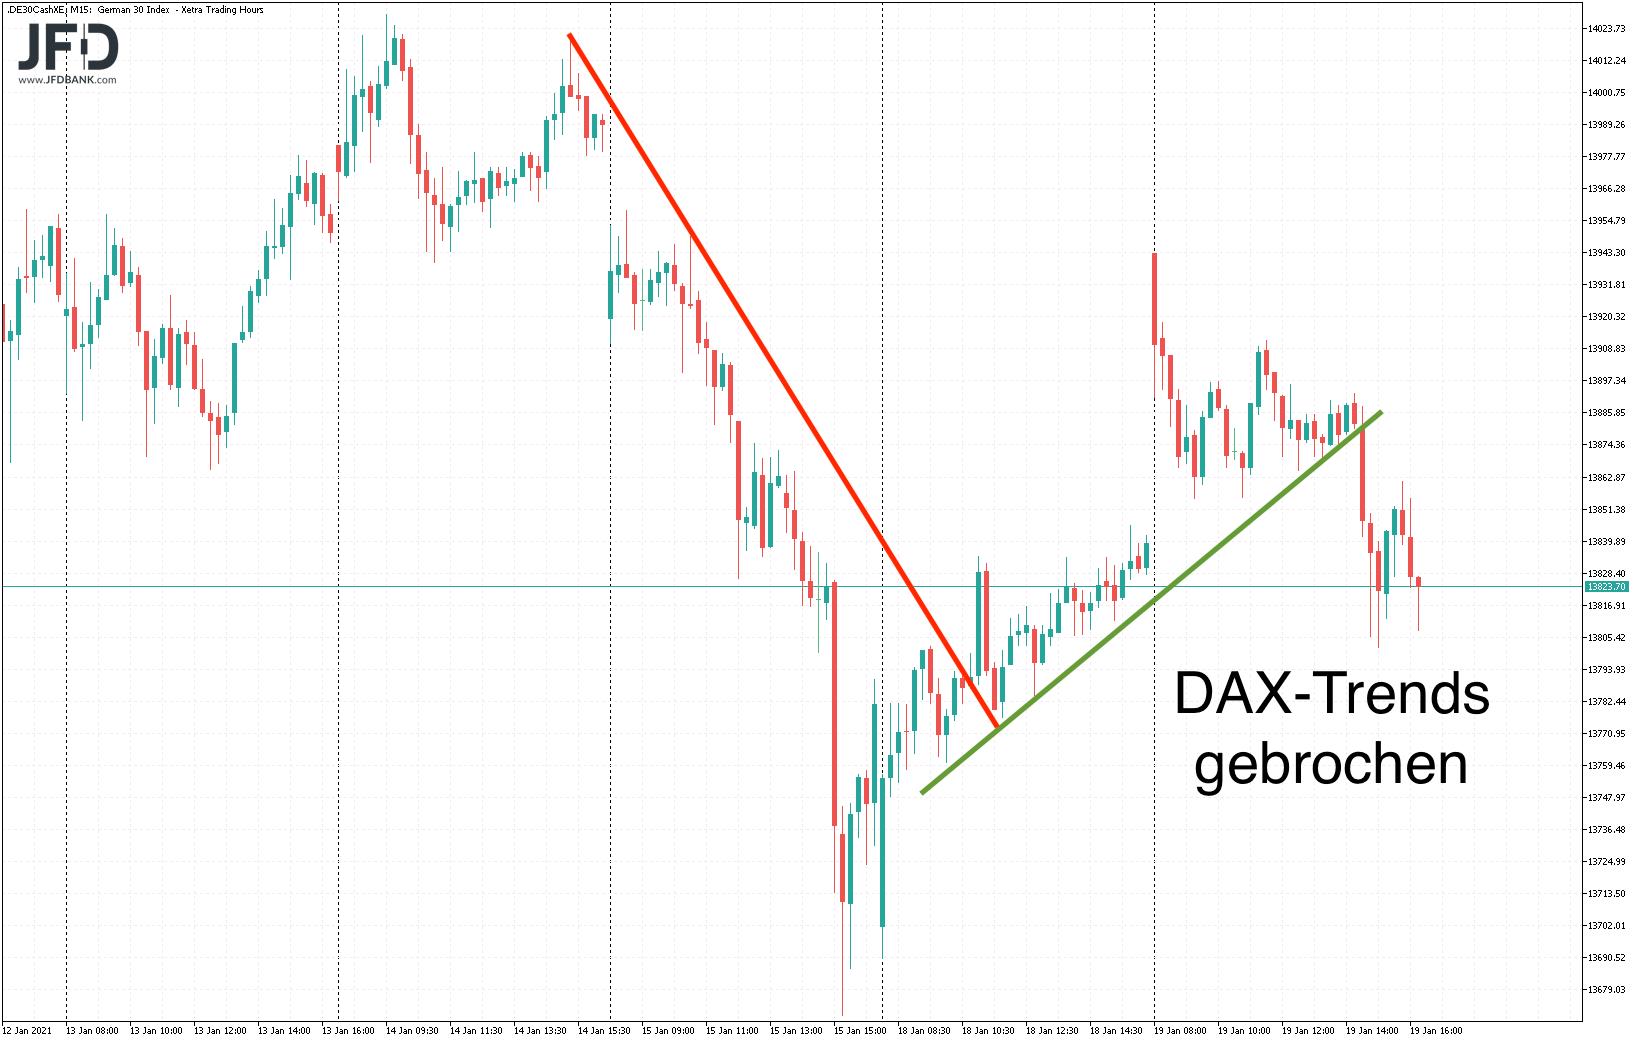 Kein kurzfristiger DAX-Trend mehr